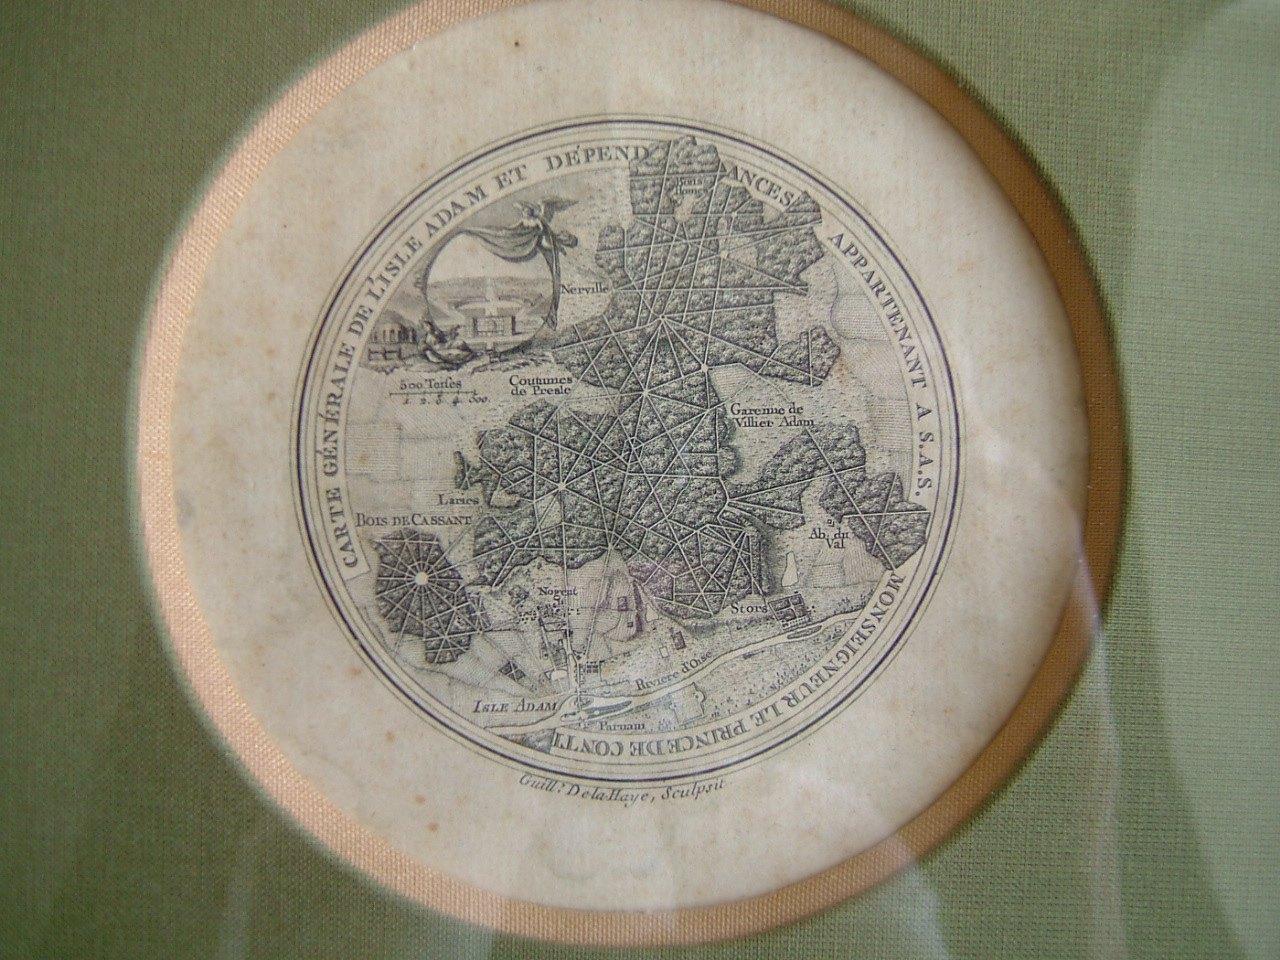 Carte générale de l'Isle-Adam et dépendances appartenant à S.A.S. Monseigneur le Prince de Conti_0